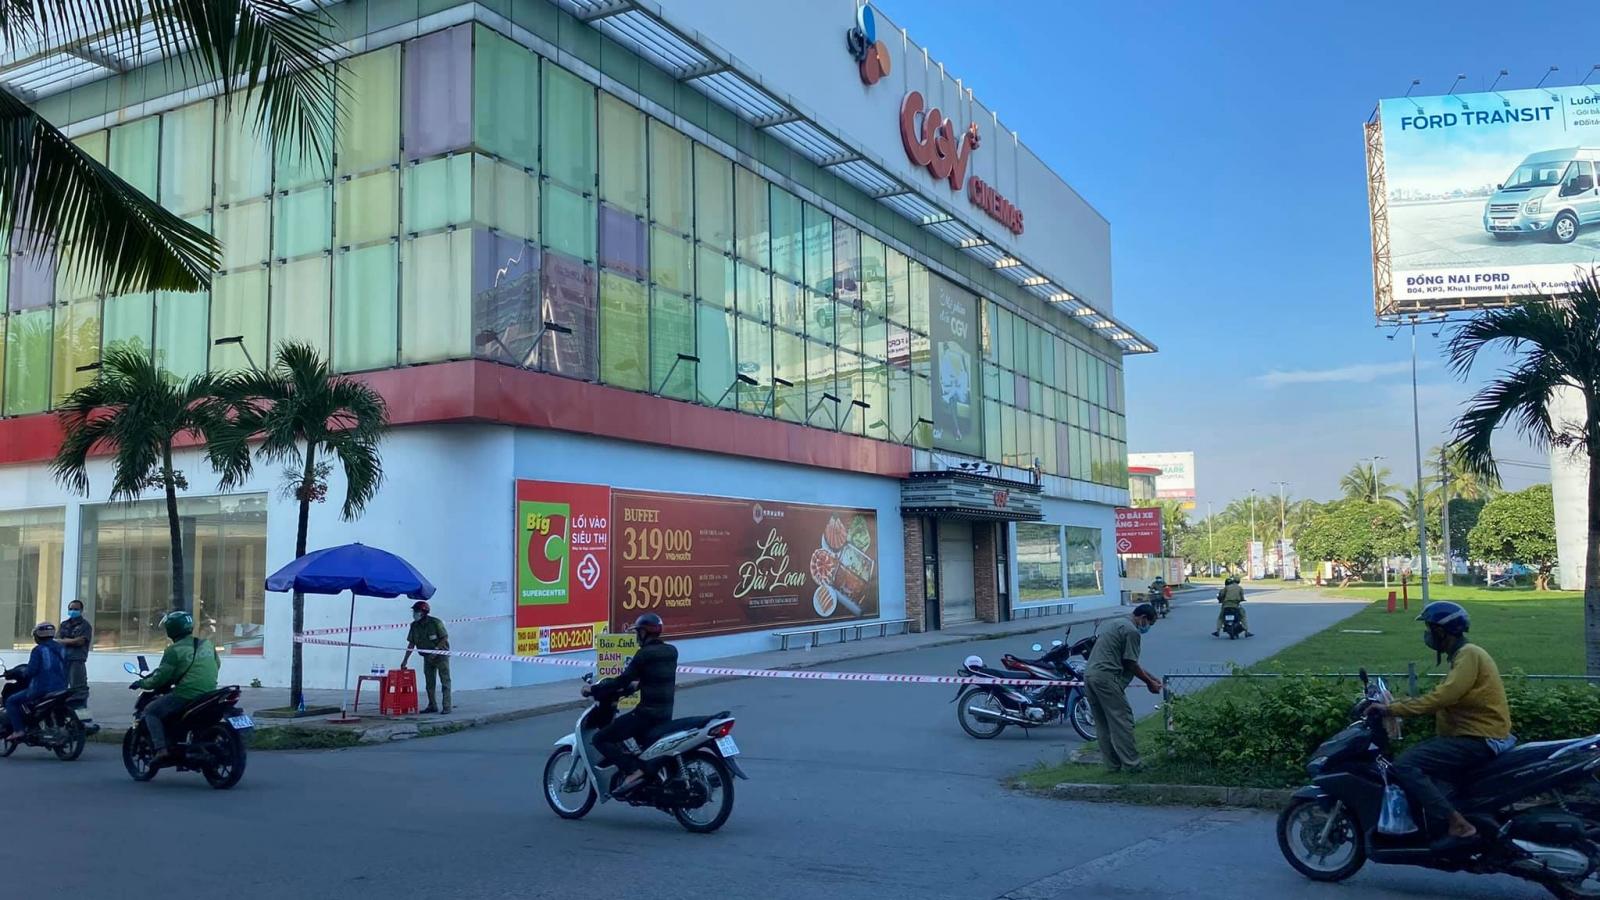 Hơn 700 trường hợp F2 tại siêu thị Big C Đồng Nai âm tính với SARS-CoV-2